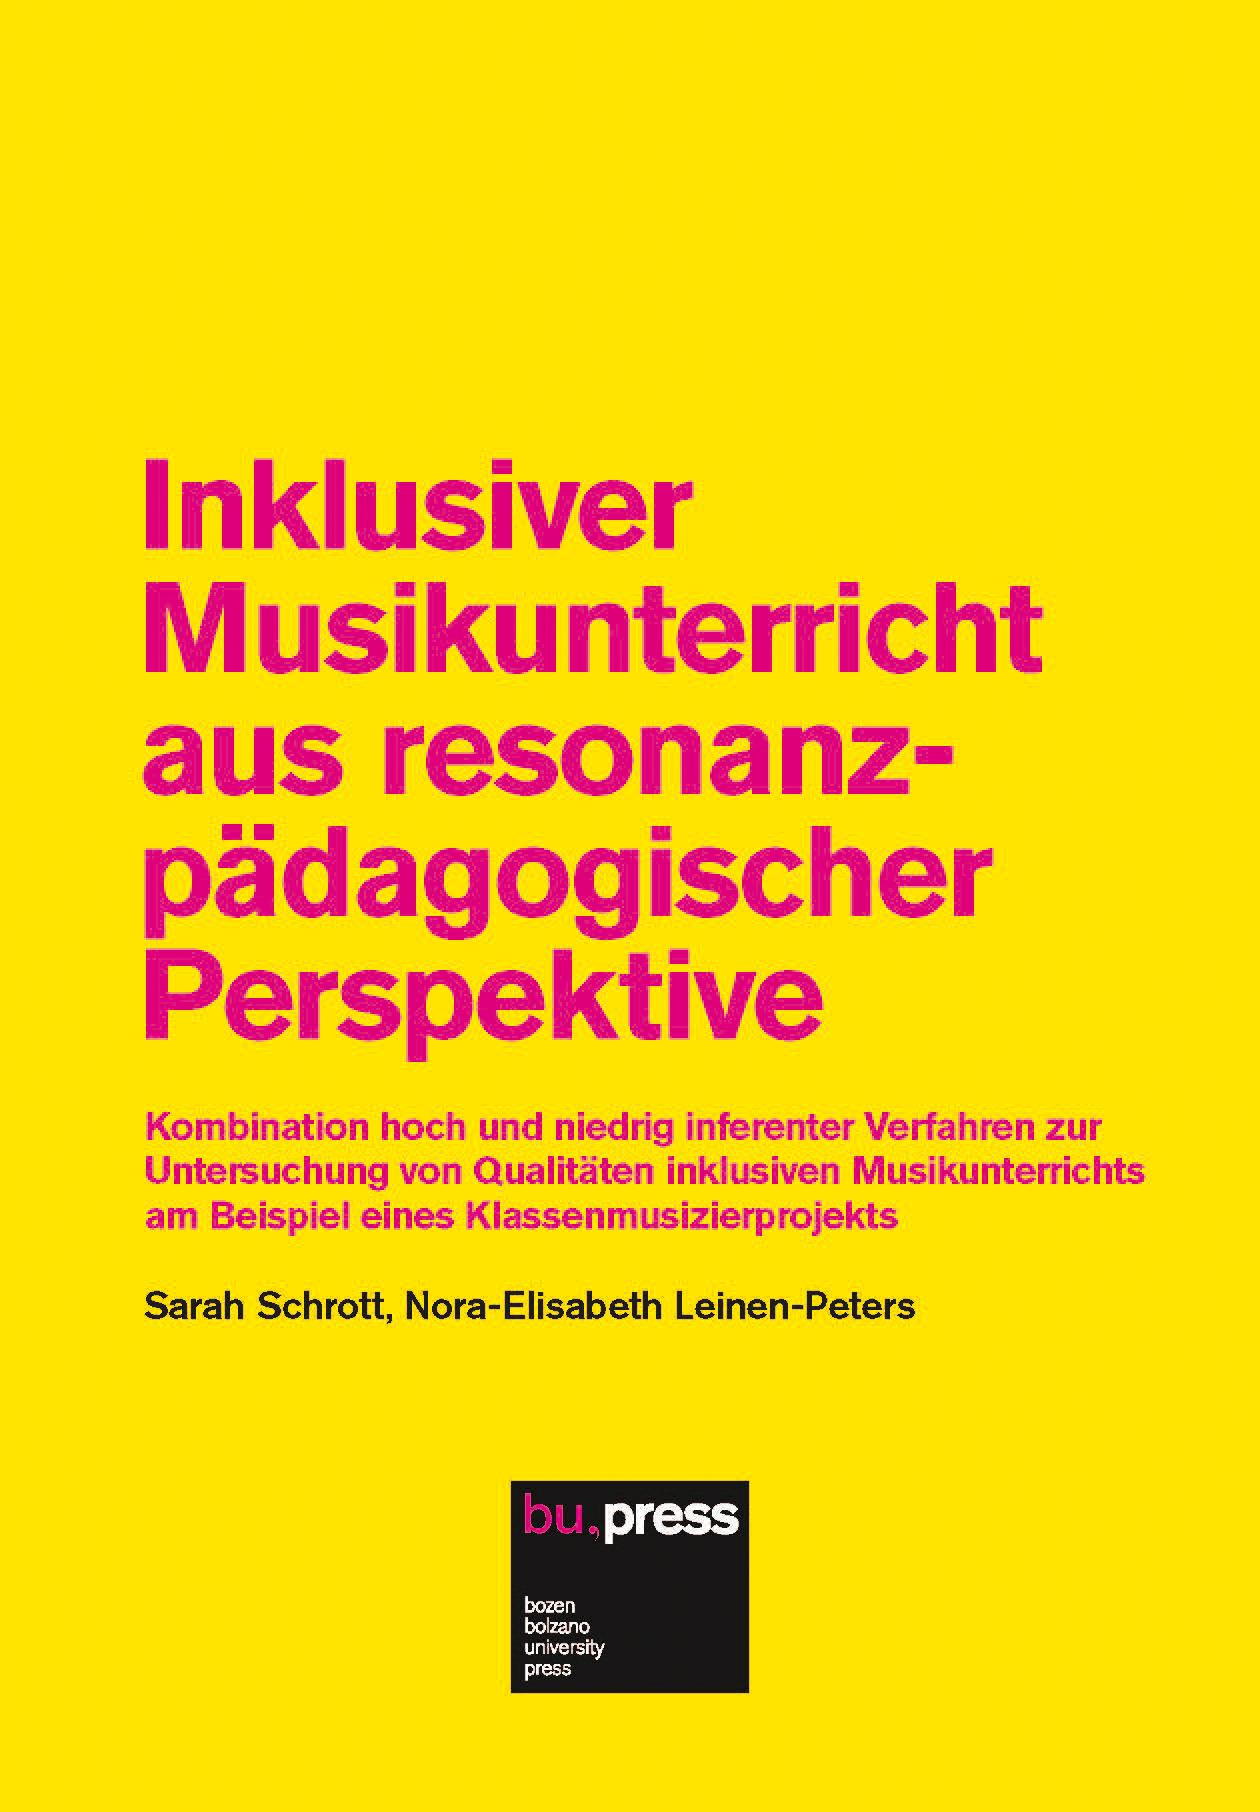 Cover of Inklusiver Musikunterricht aus resonanzpädagogischer Perspektive